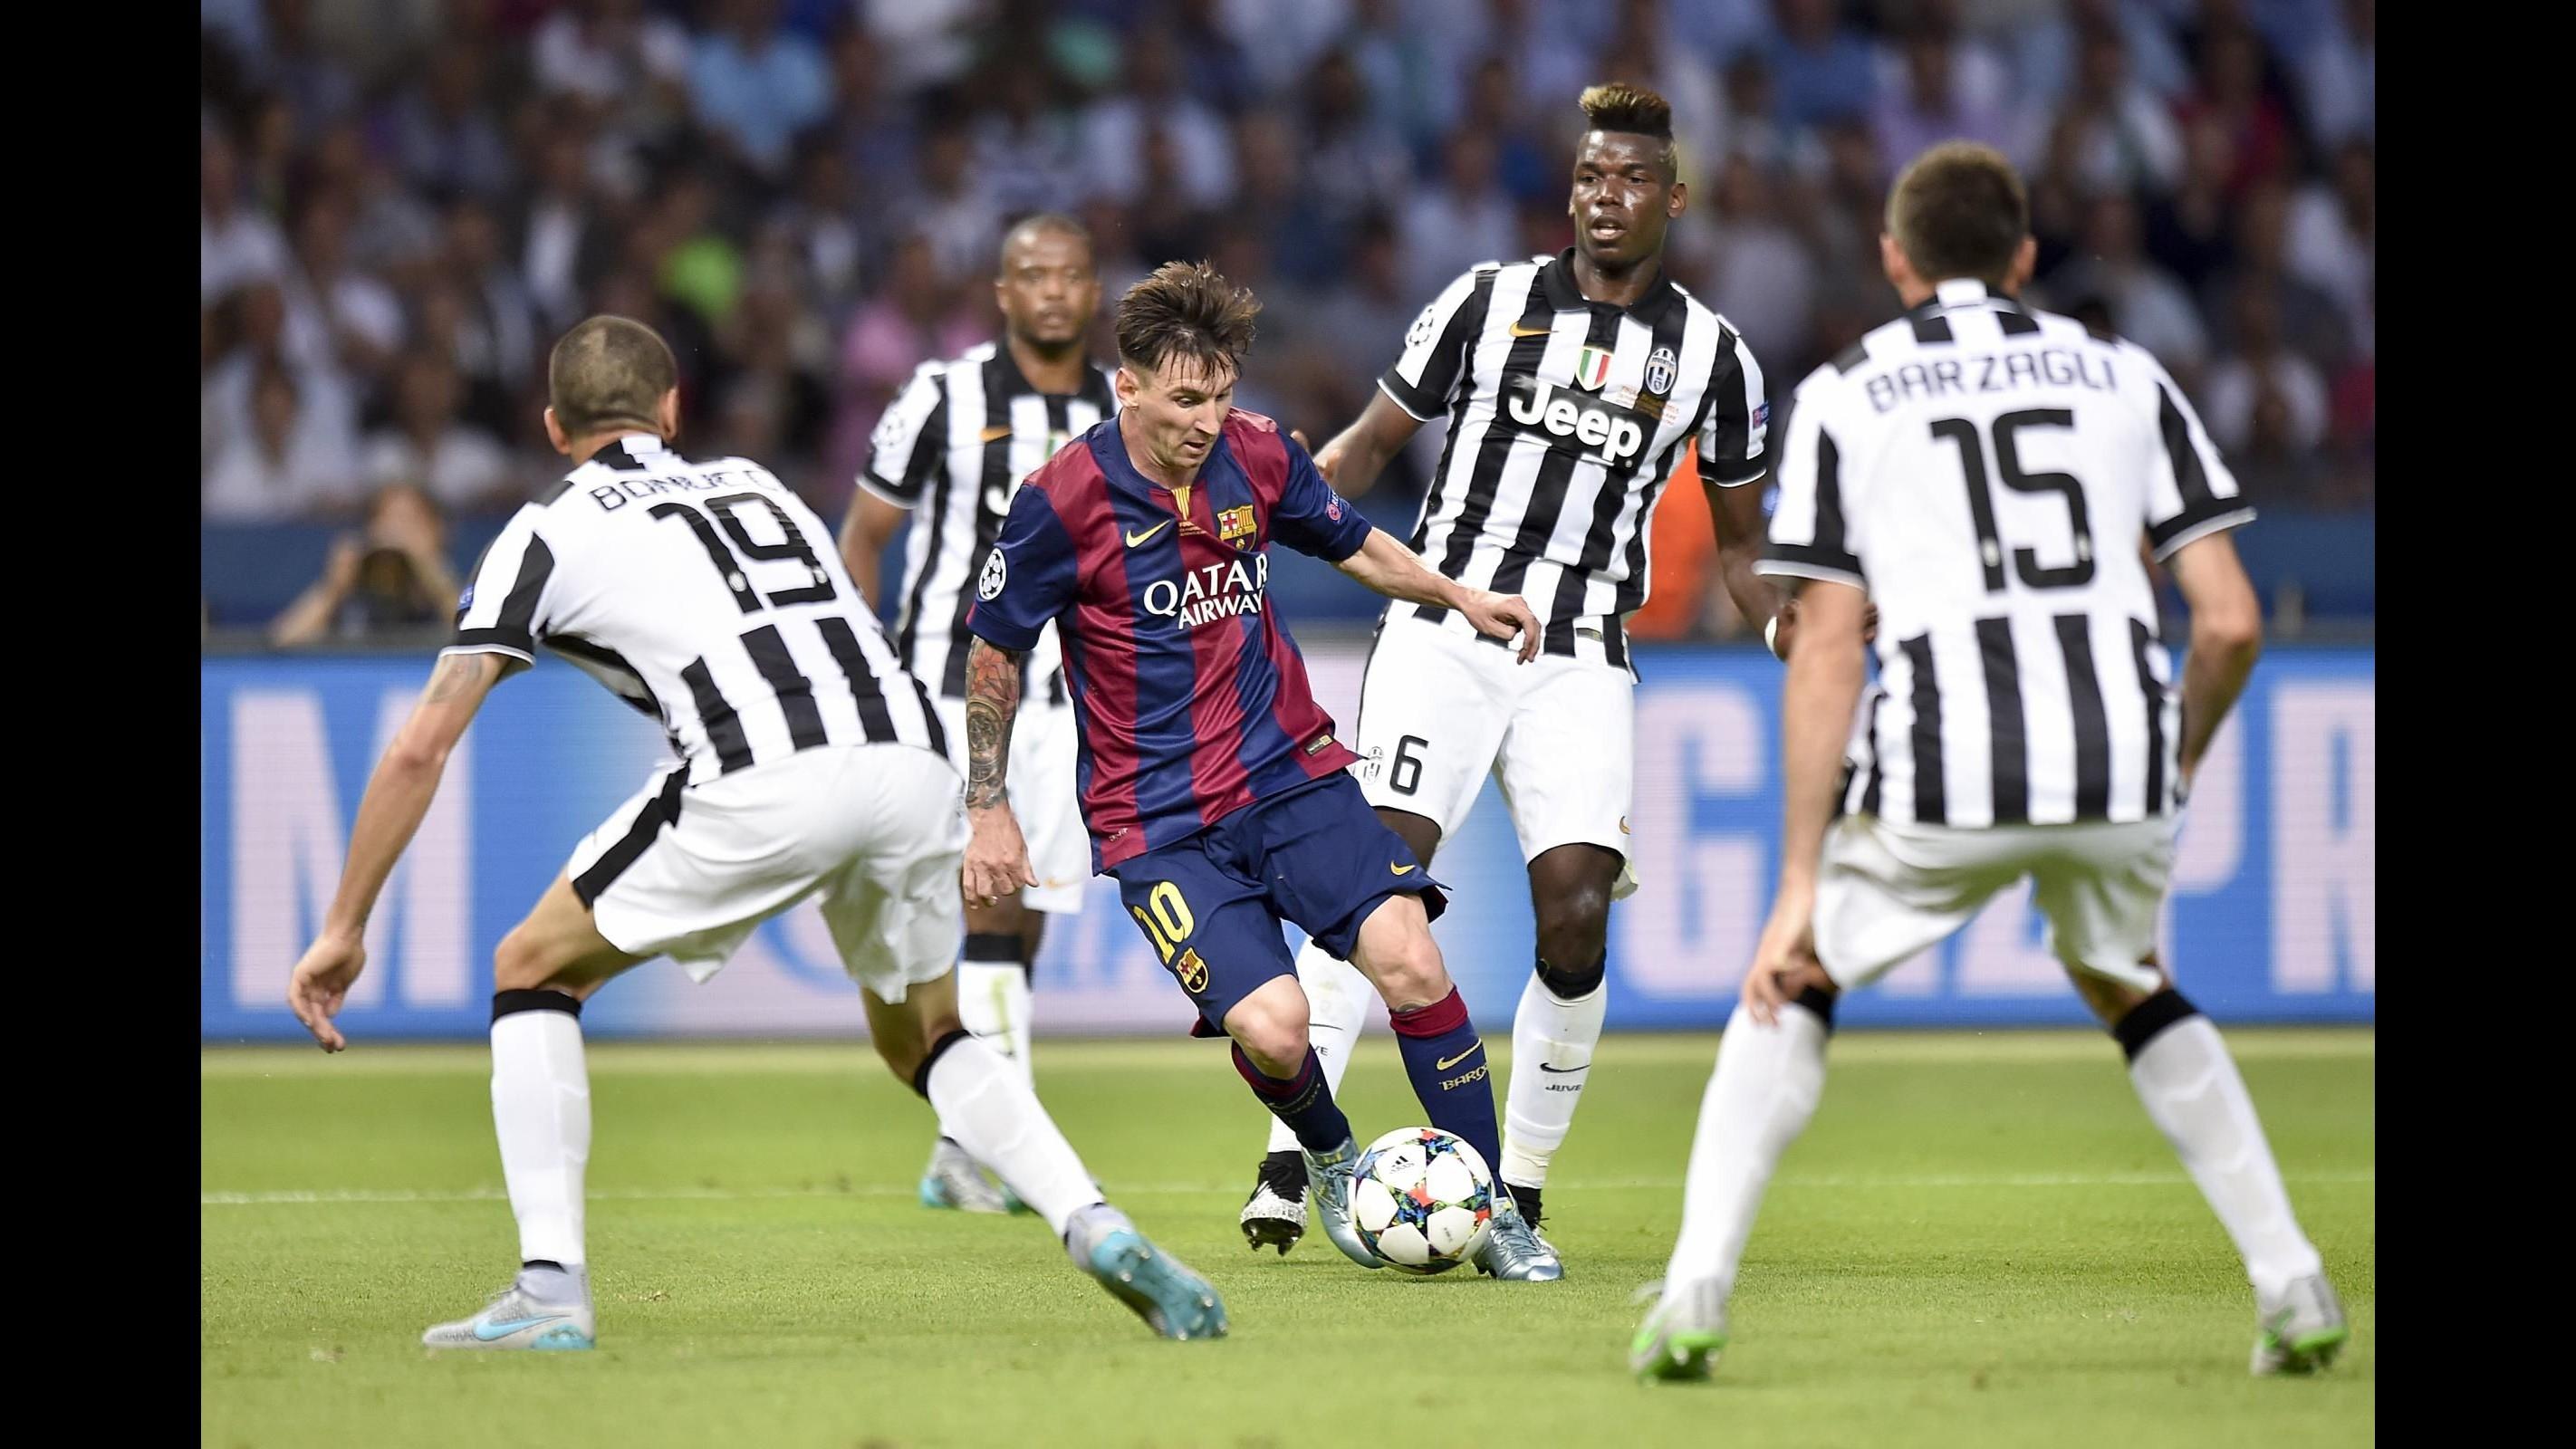 Calcio, Capello: Nel 2005 provai a portare Messi alla Juventus